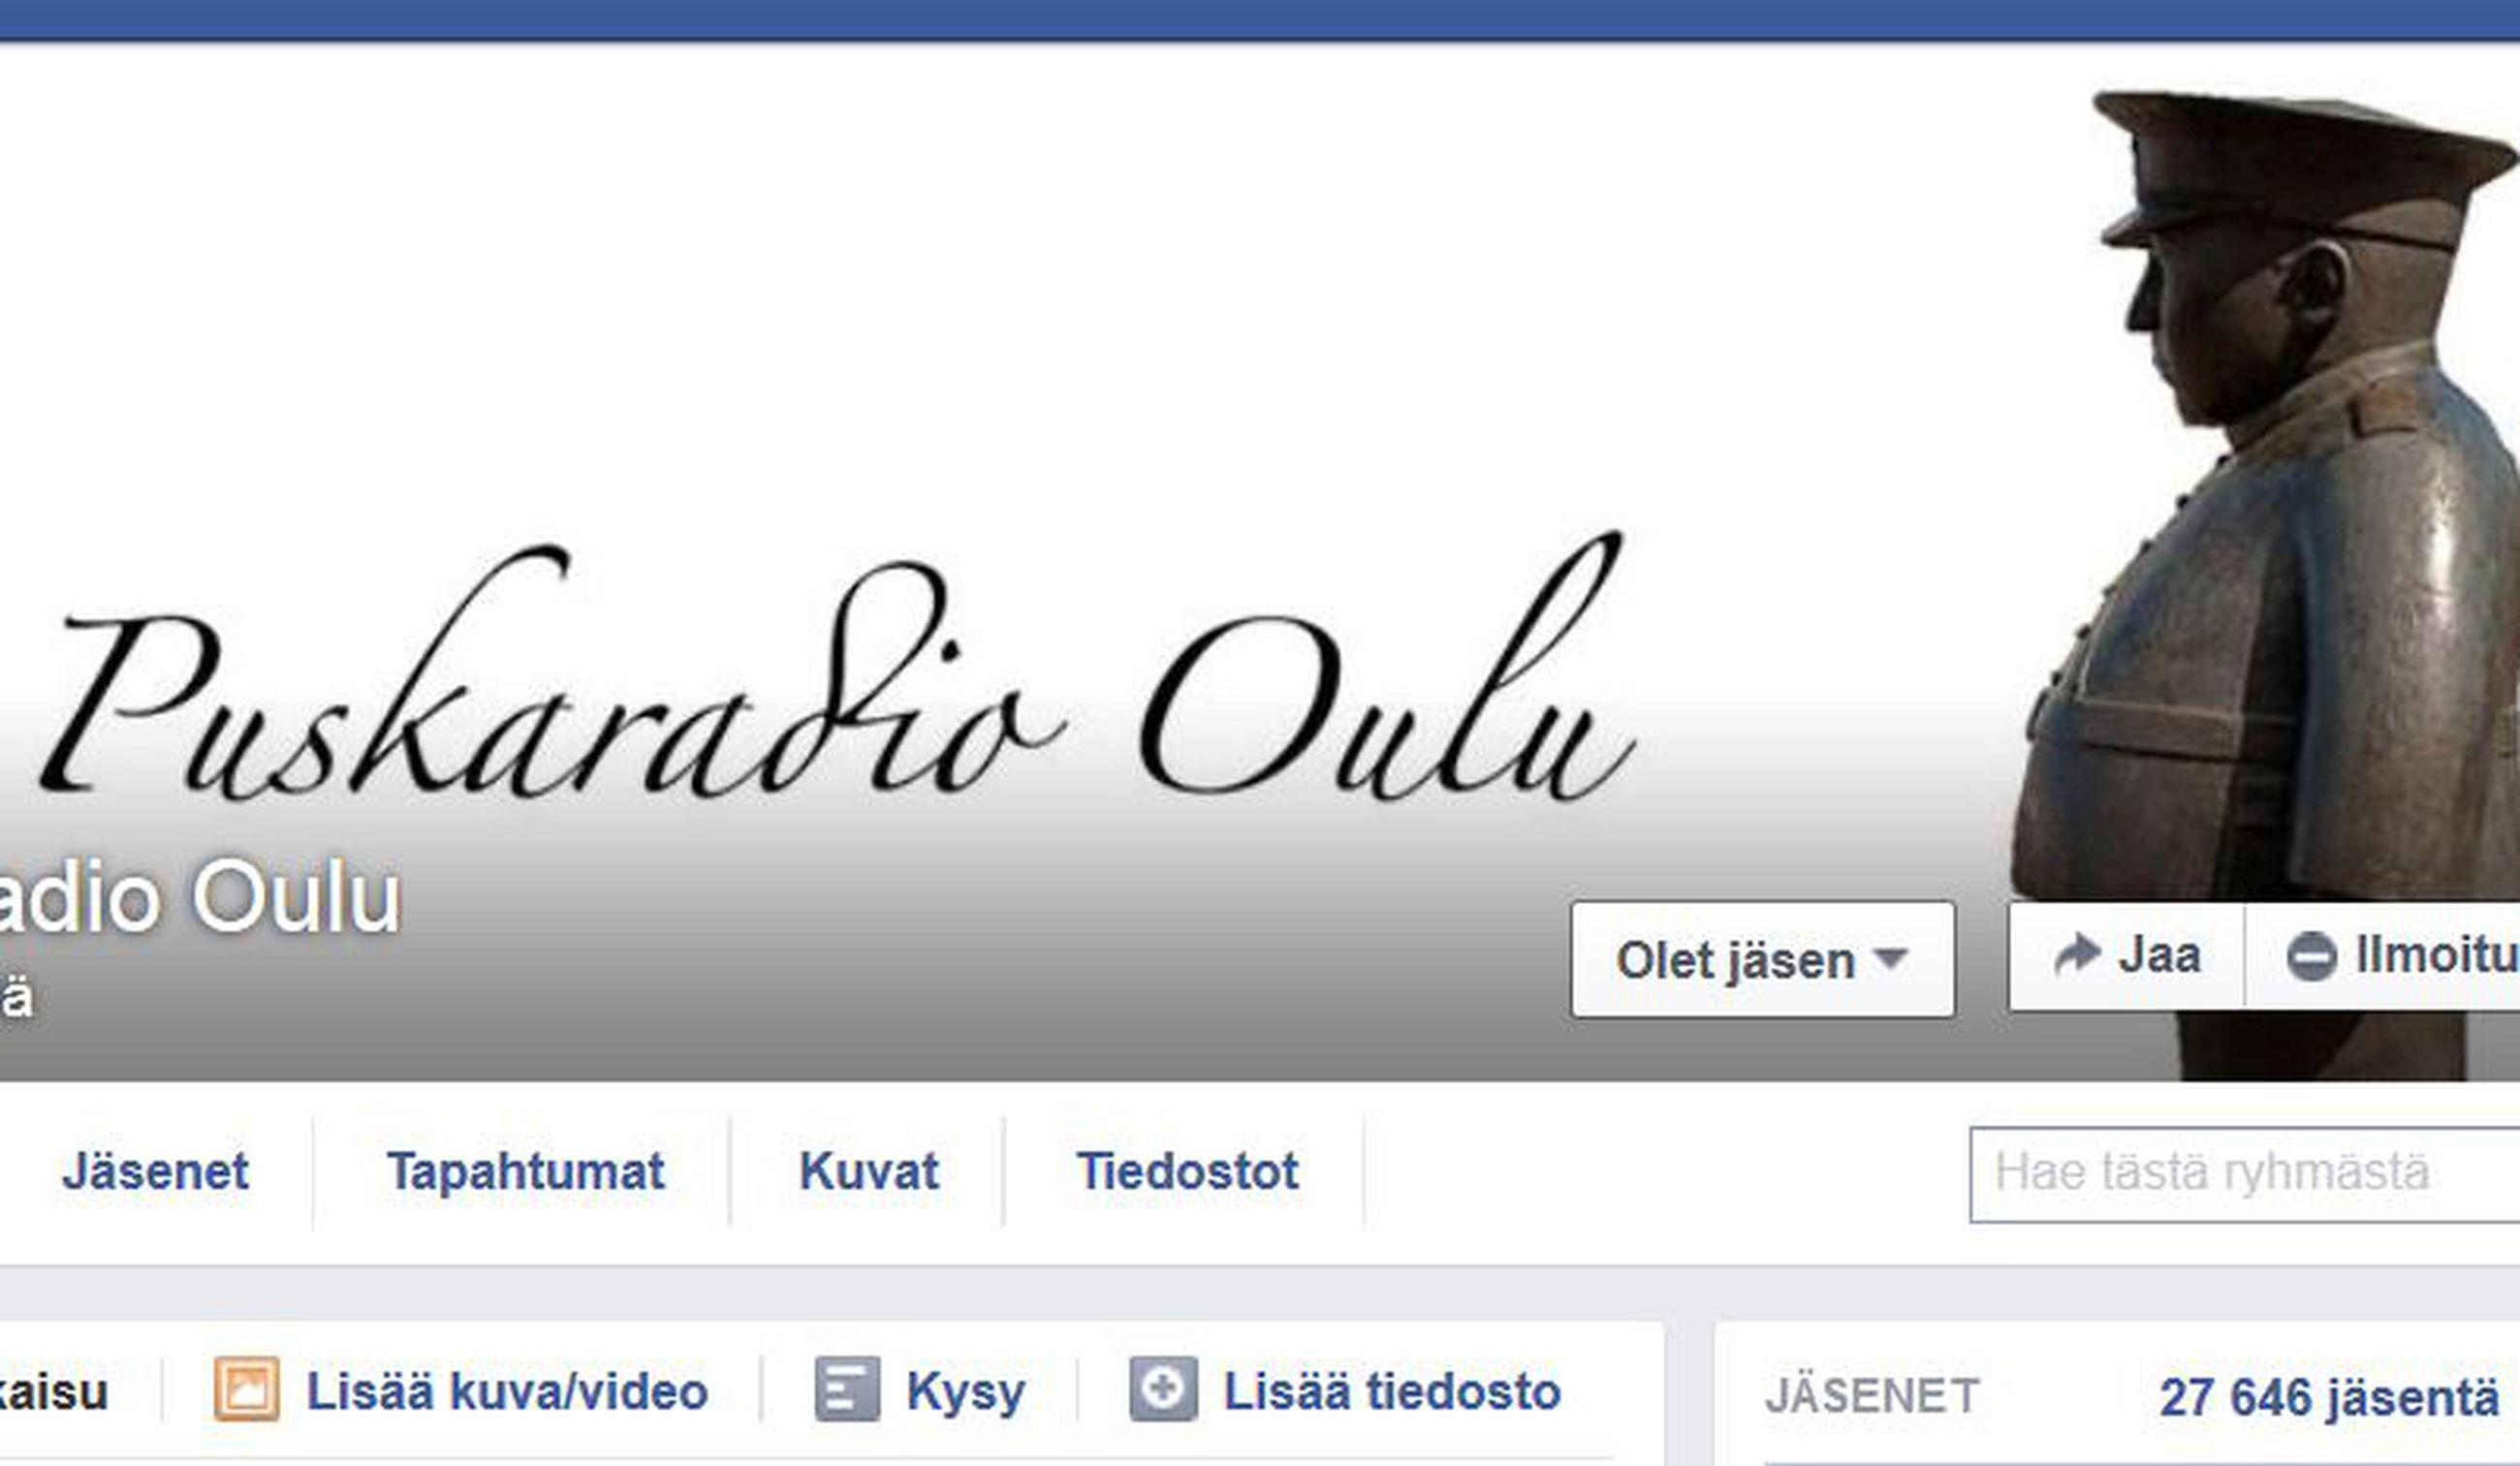 Oulun Puskaradio